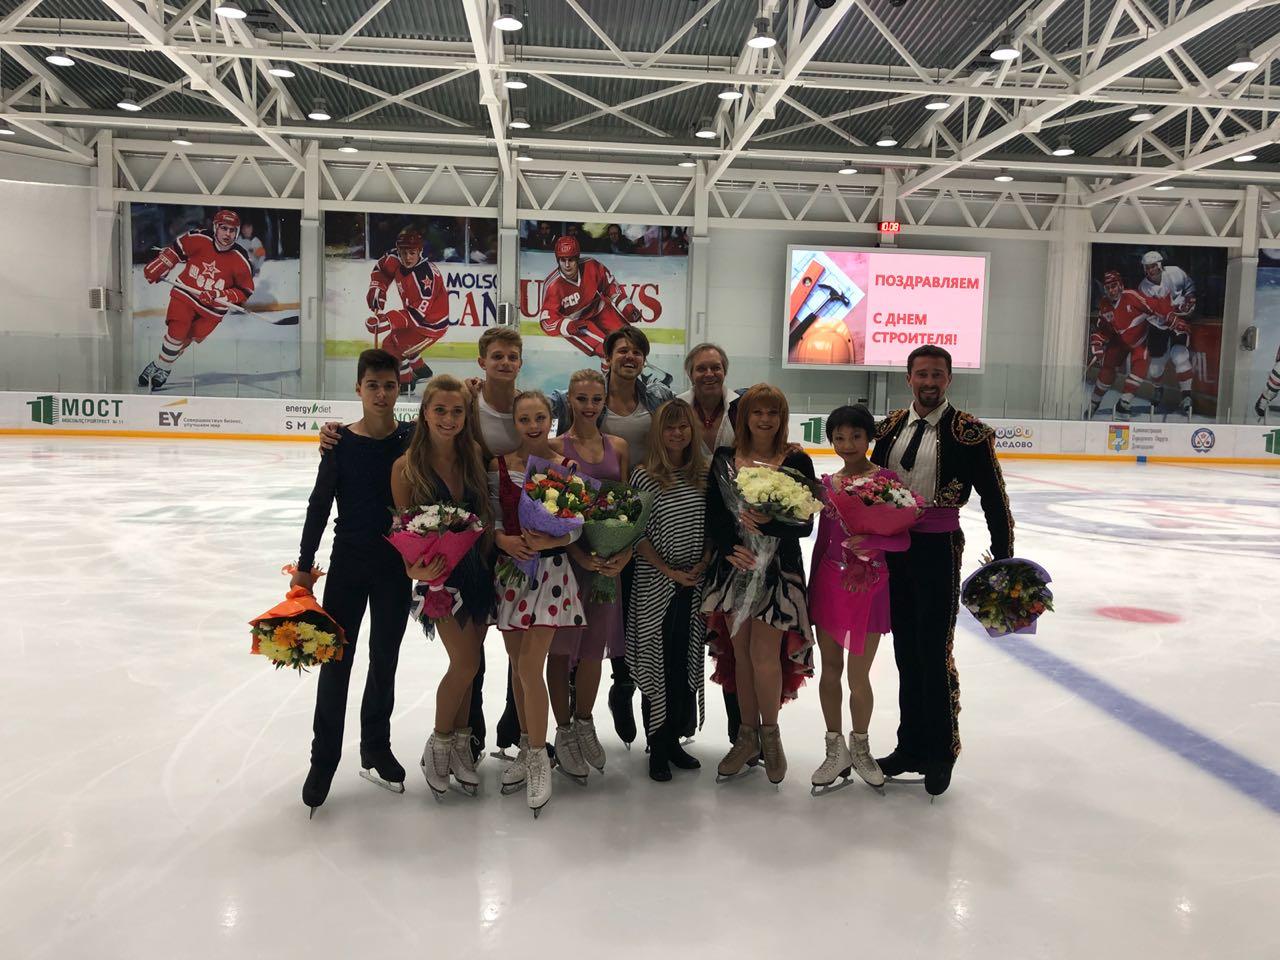 Ледовые шоу-5 - Страница 38 UaYmUc9b0jM